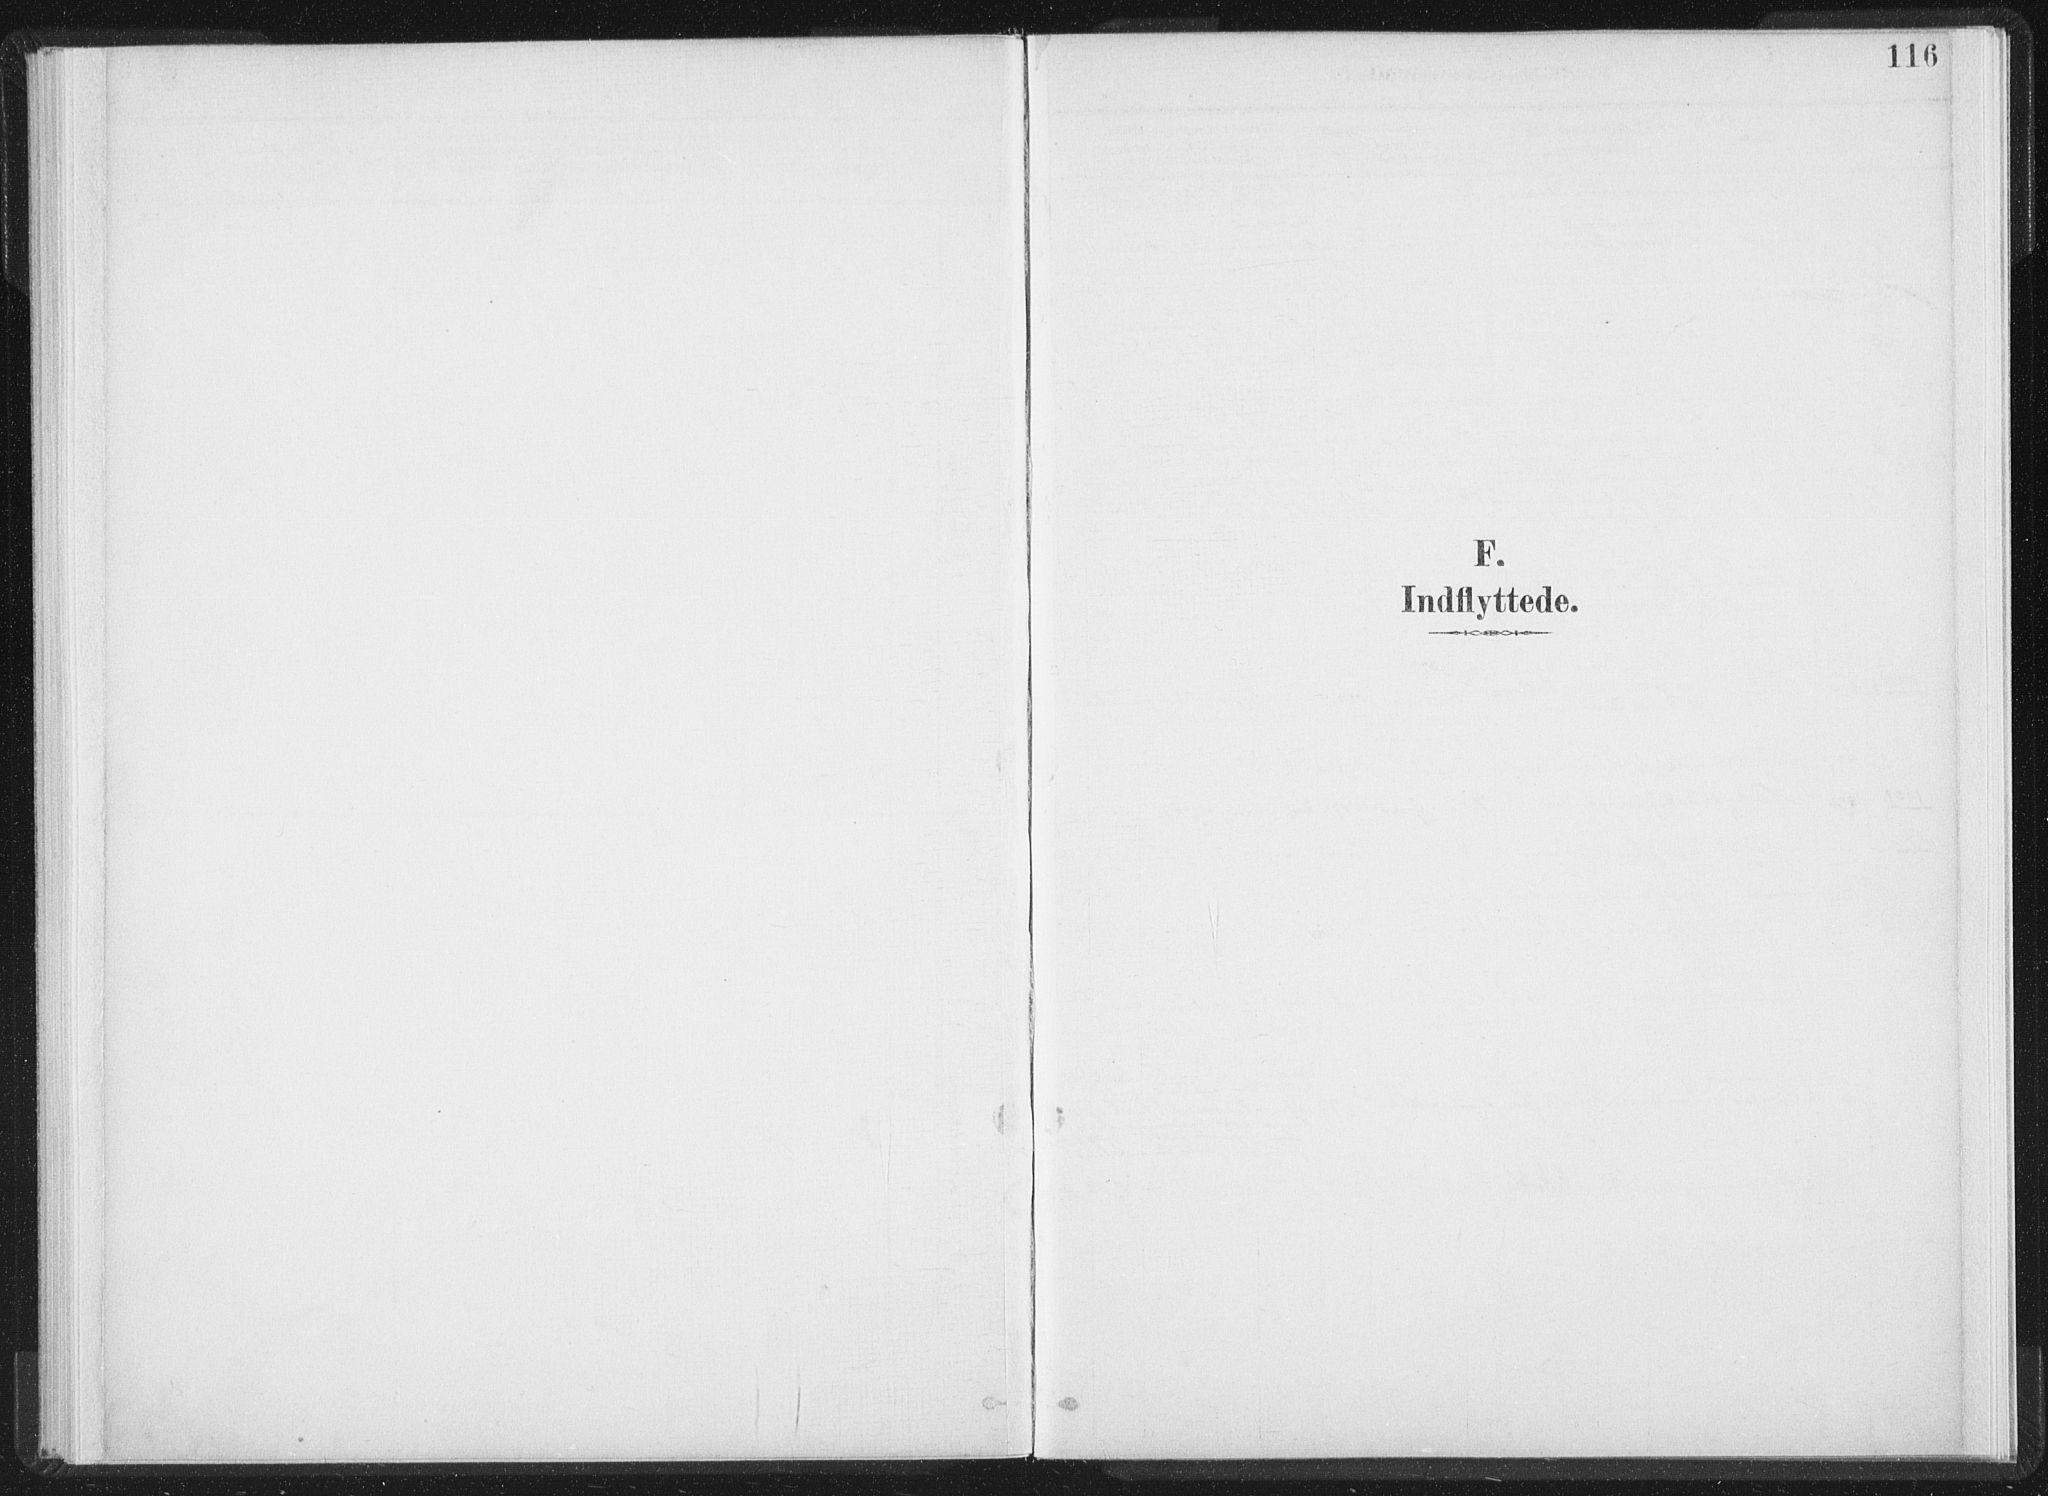 SAT, Ministerialprotokoller, klokkerbøker og fødselsregistre - Nord-Trøndelag, 724/L0263: Ministerialbok nr. 724A01, 1891-1907, s. 116